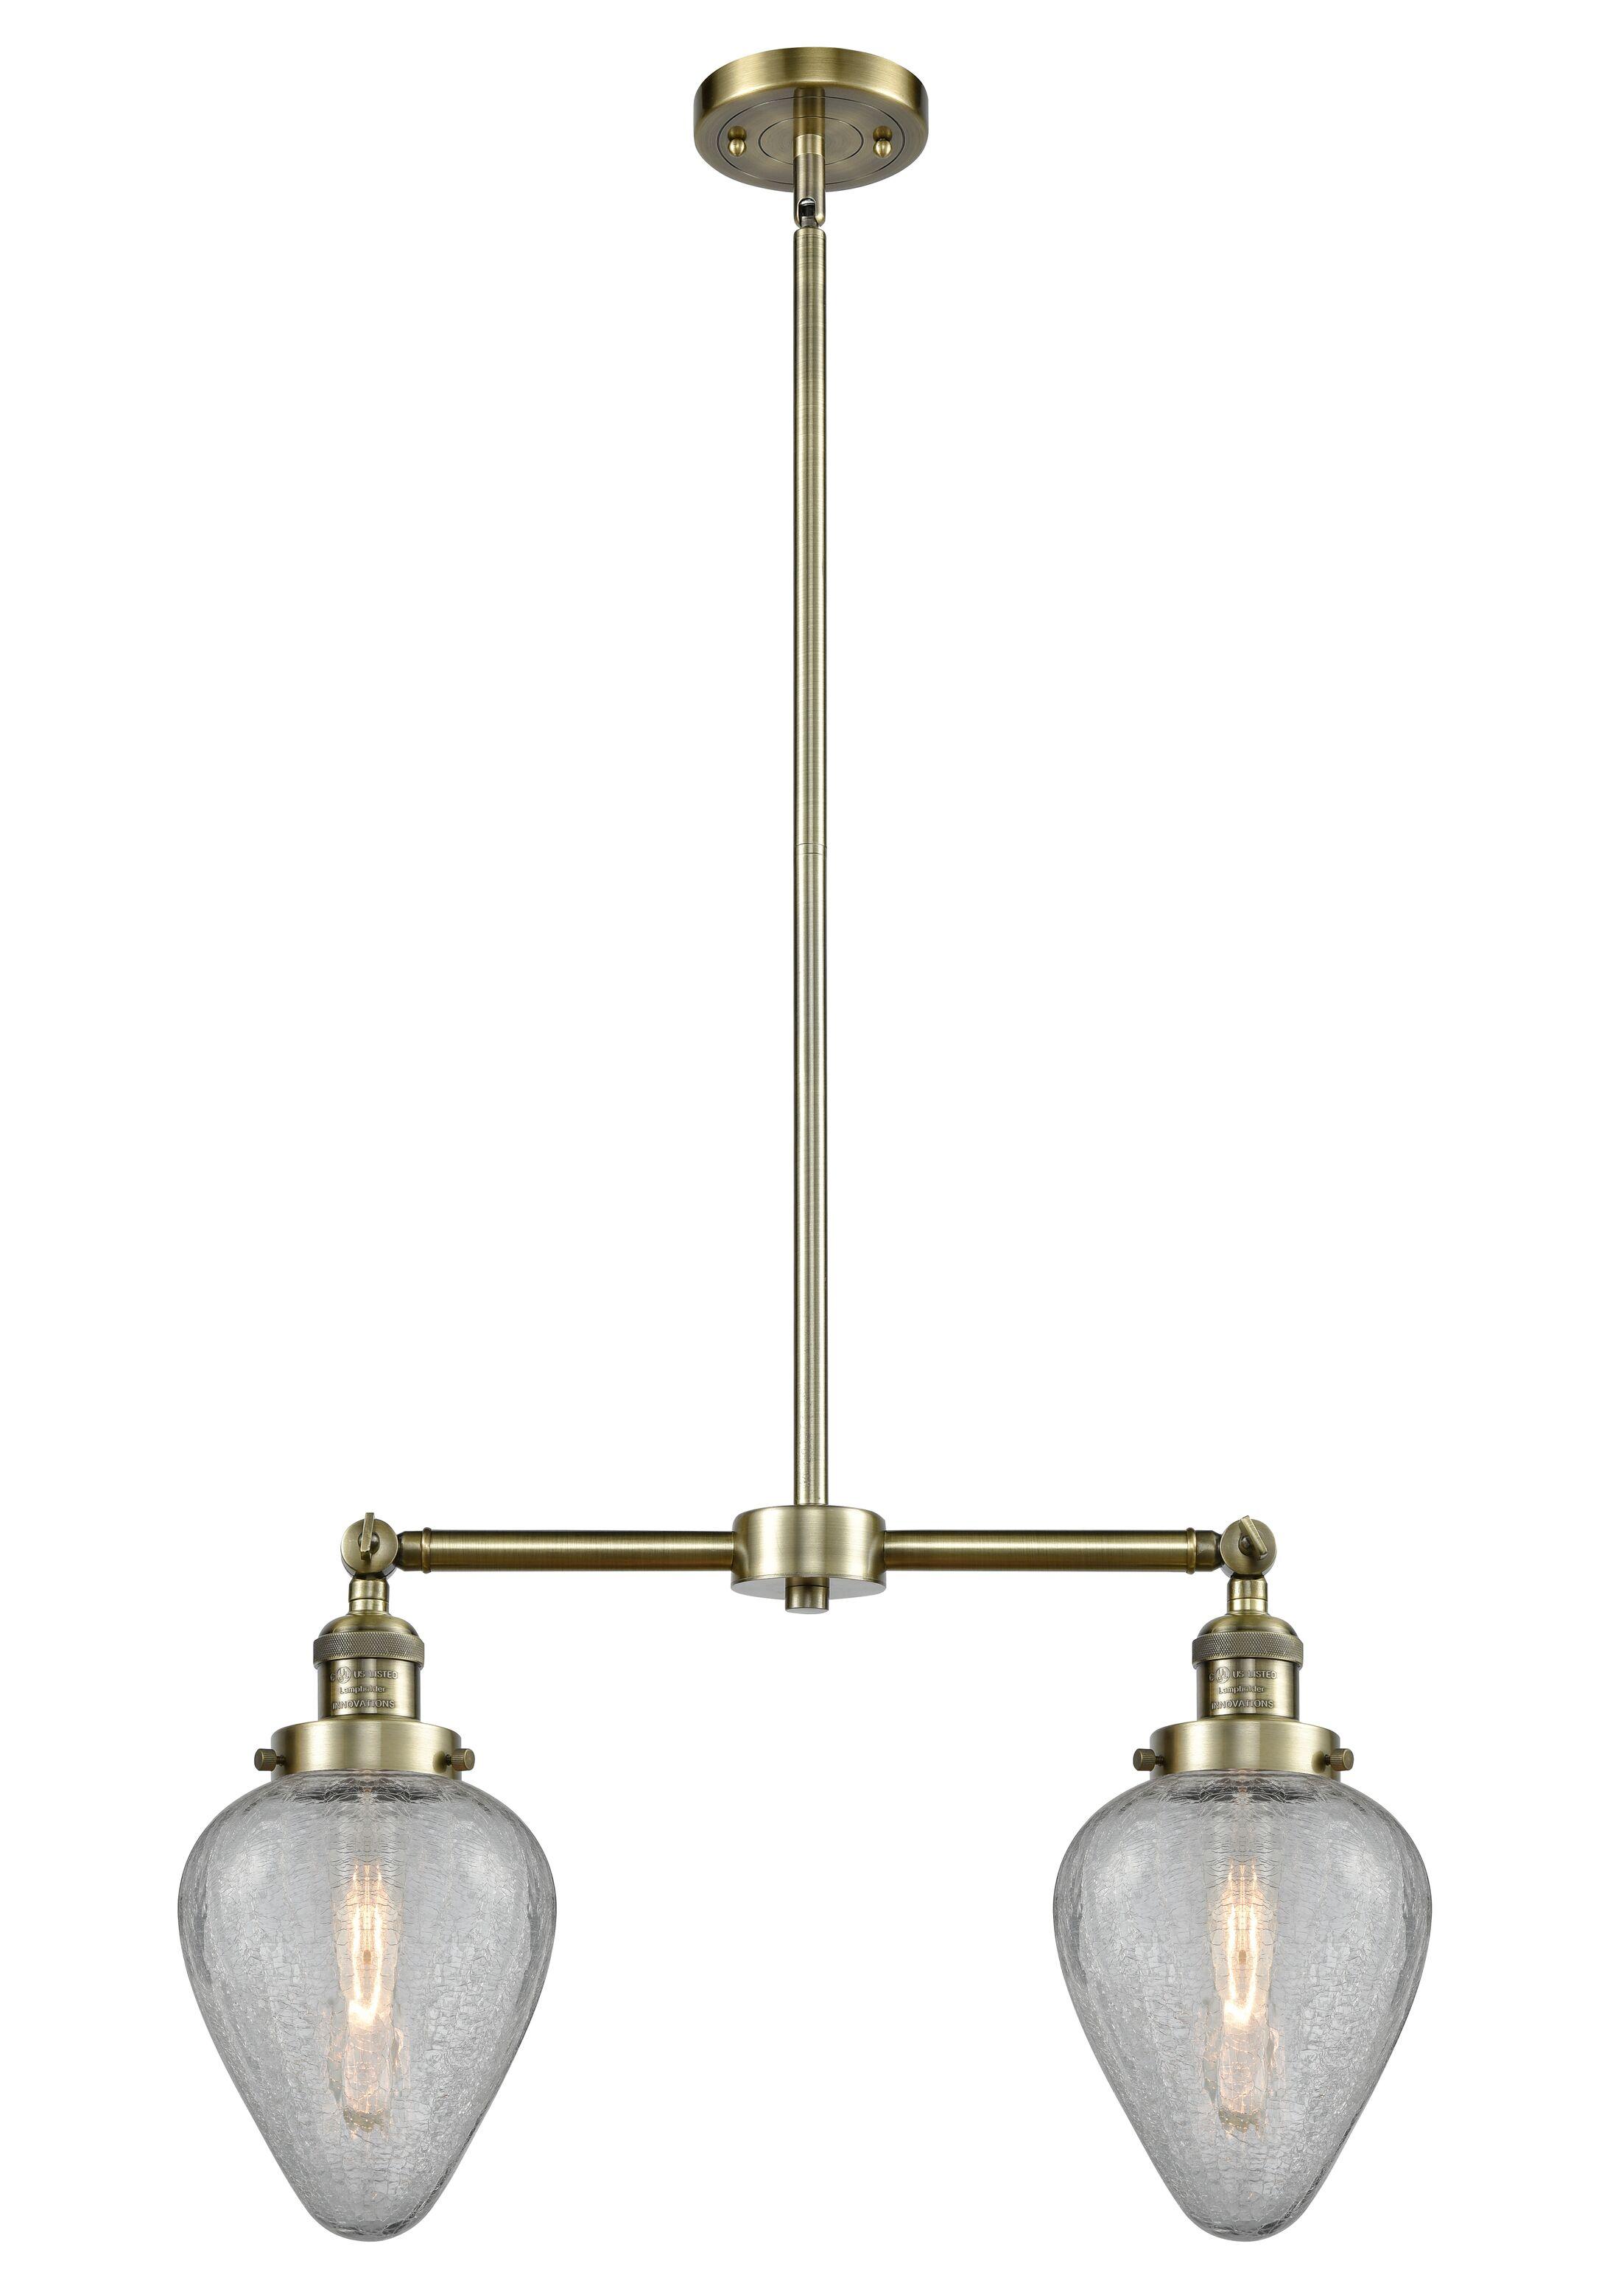 Bontrager 2-Light Kitchen Island Pendant Bulb Type: LED, Finish: Polished Chrome